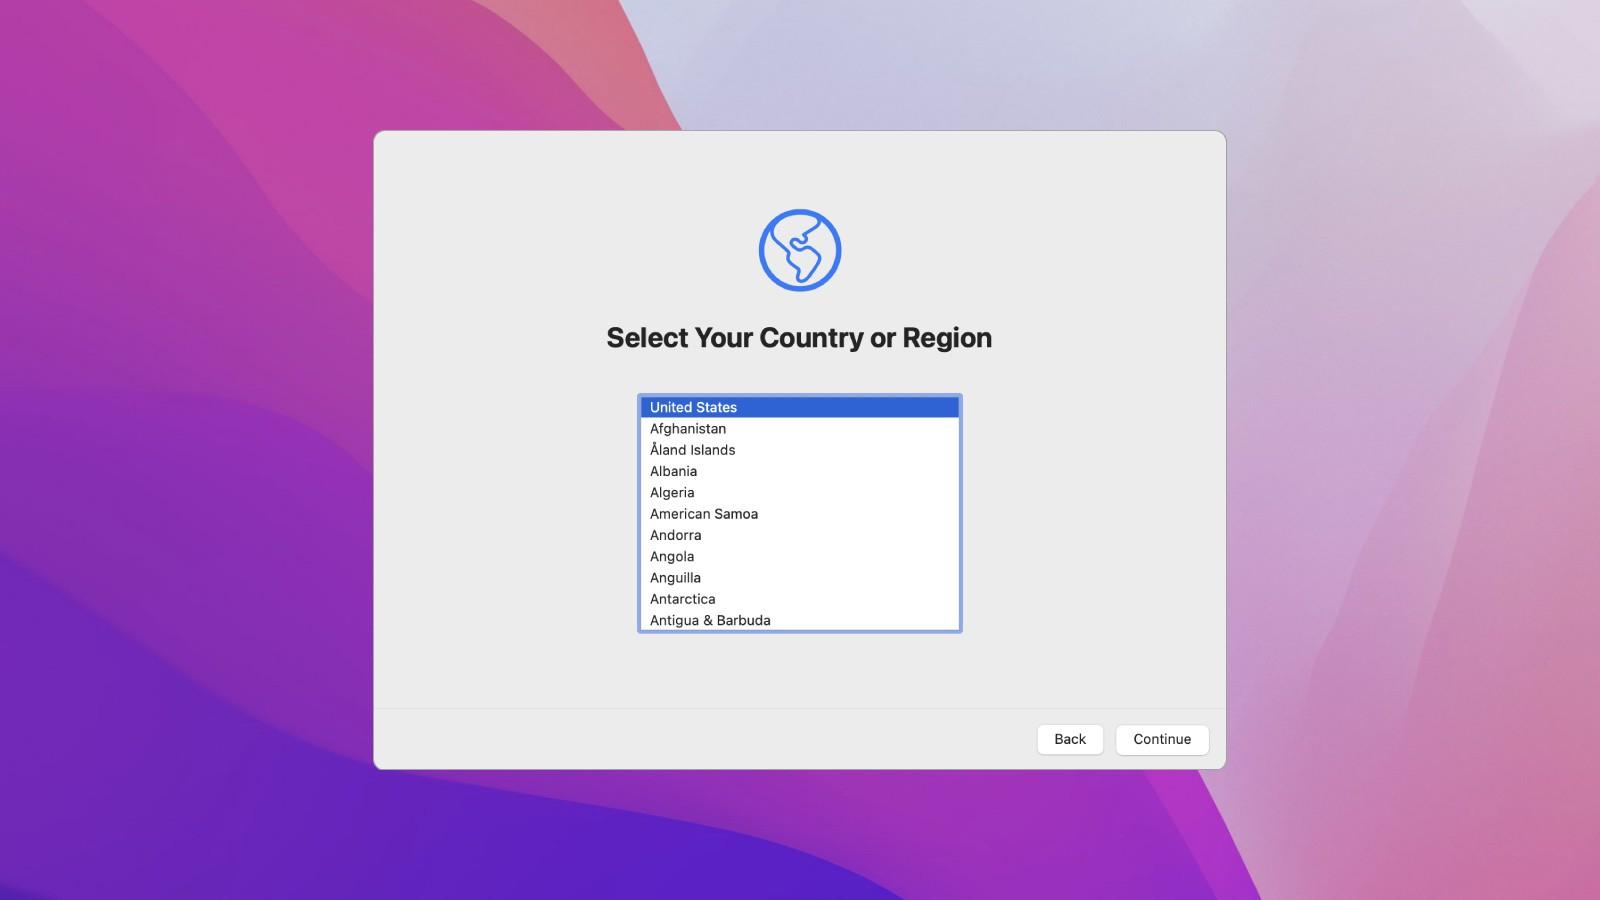 https://www.macfreak.nl/modules/news/images/zArt.macOSMontereySetupAssistant.jpg